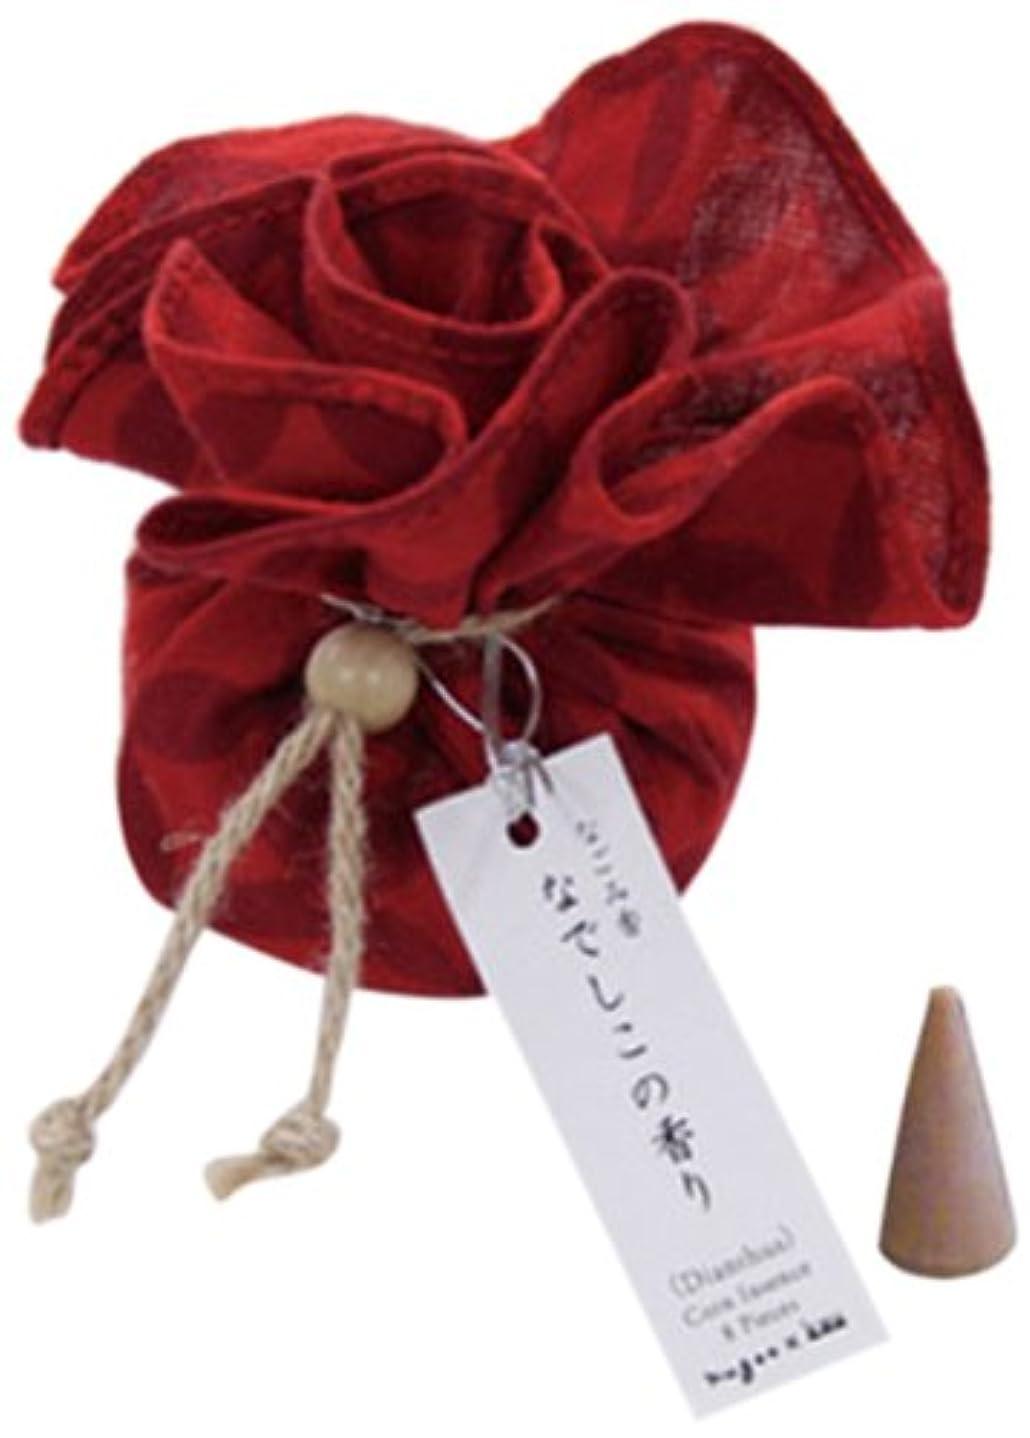 アーチ建設メルボルンなごみ香 手拭巾着包 お香(コーンインセンス) なでしこの香り nugoo×kou 七宝紋(赤)